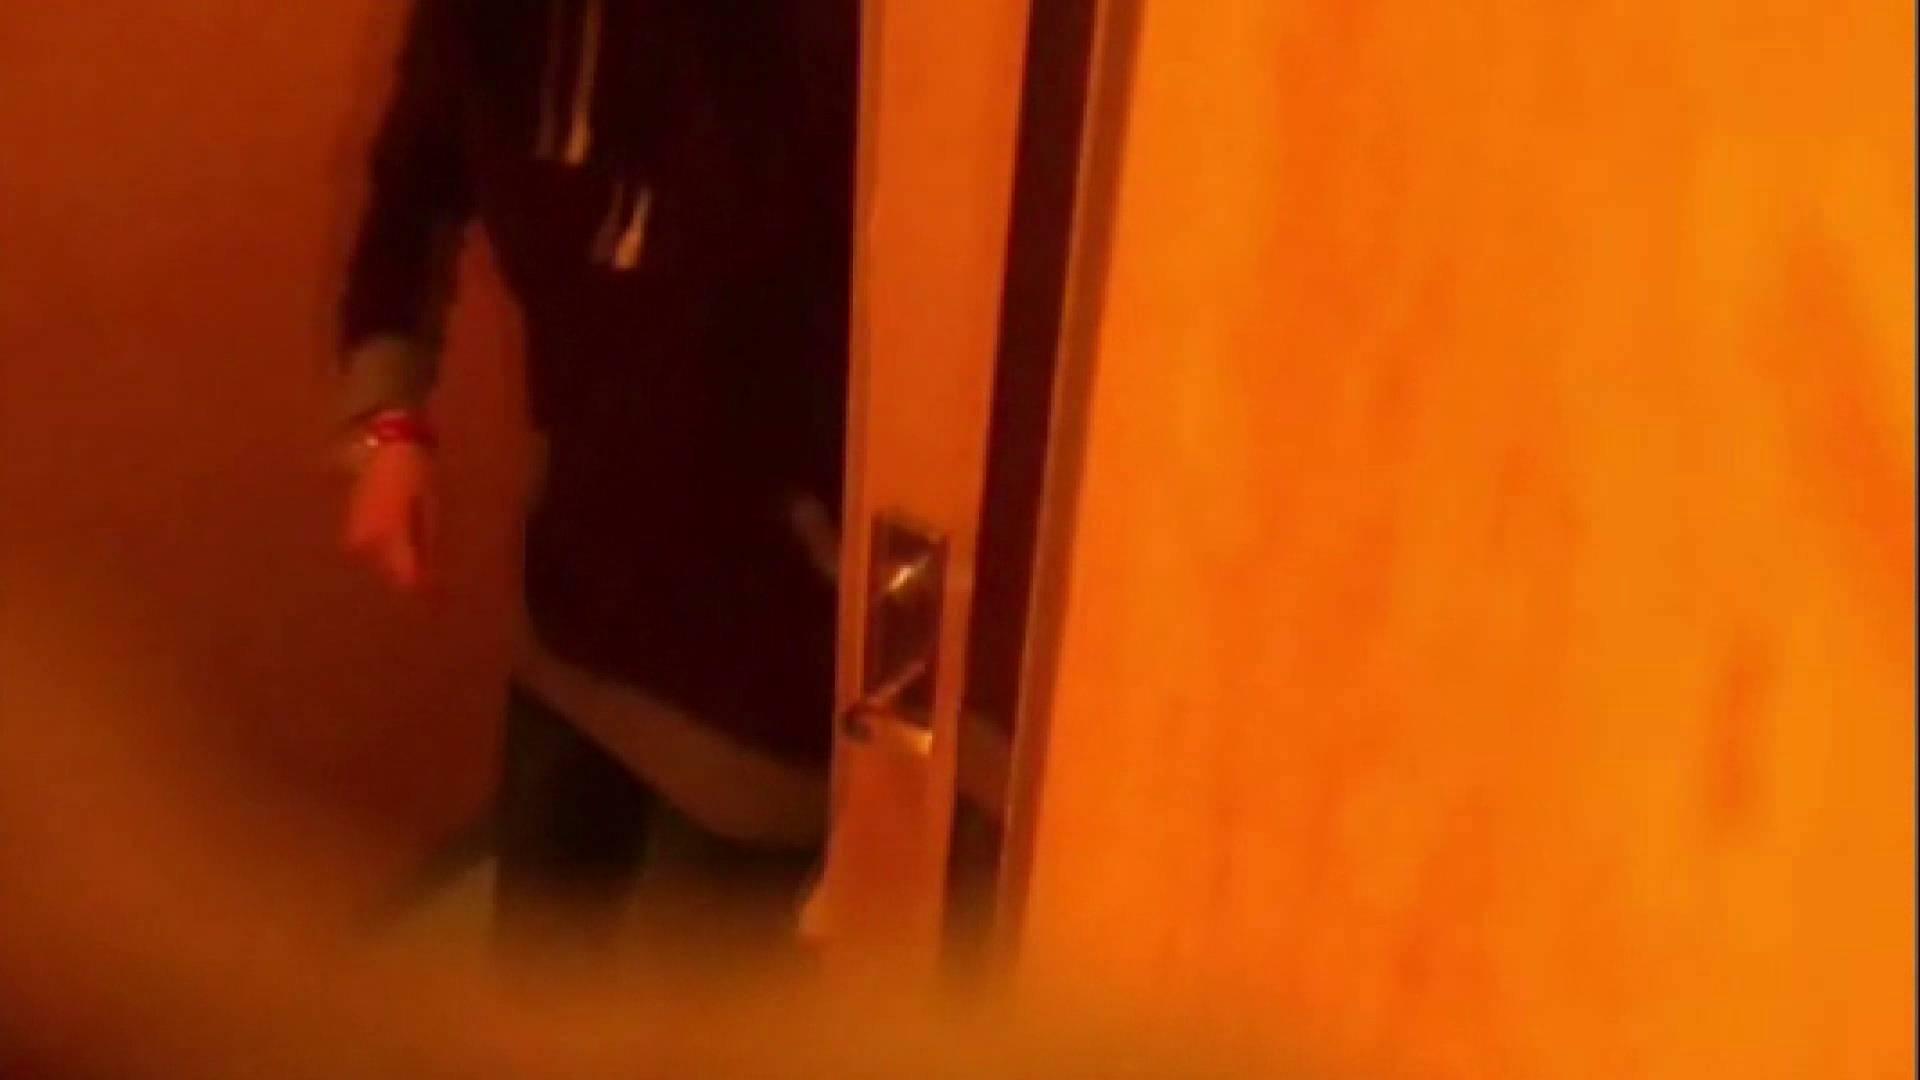 品川からお届け致します!GALS厠覗き! Vol.09 ティーンギャルエロ画像 オマンコ動画キャプチャ 87PICs 79